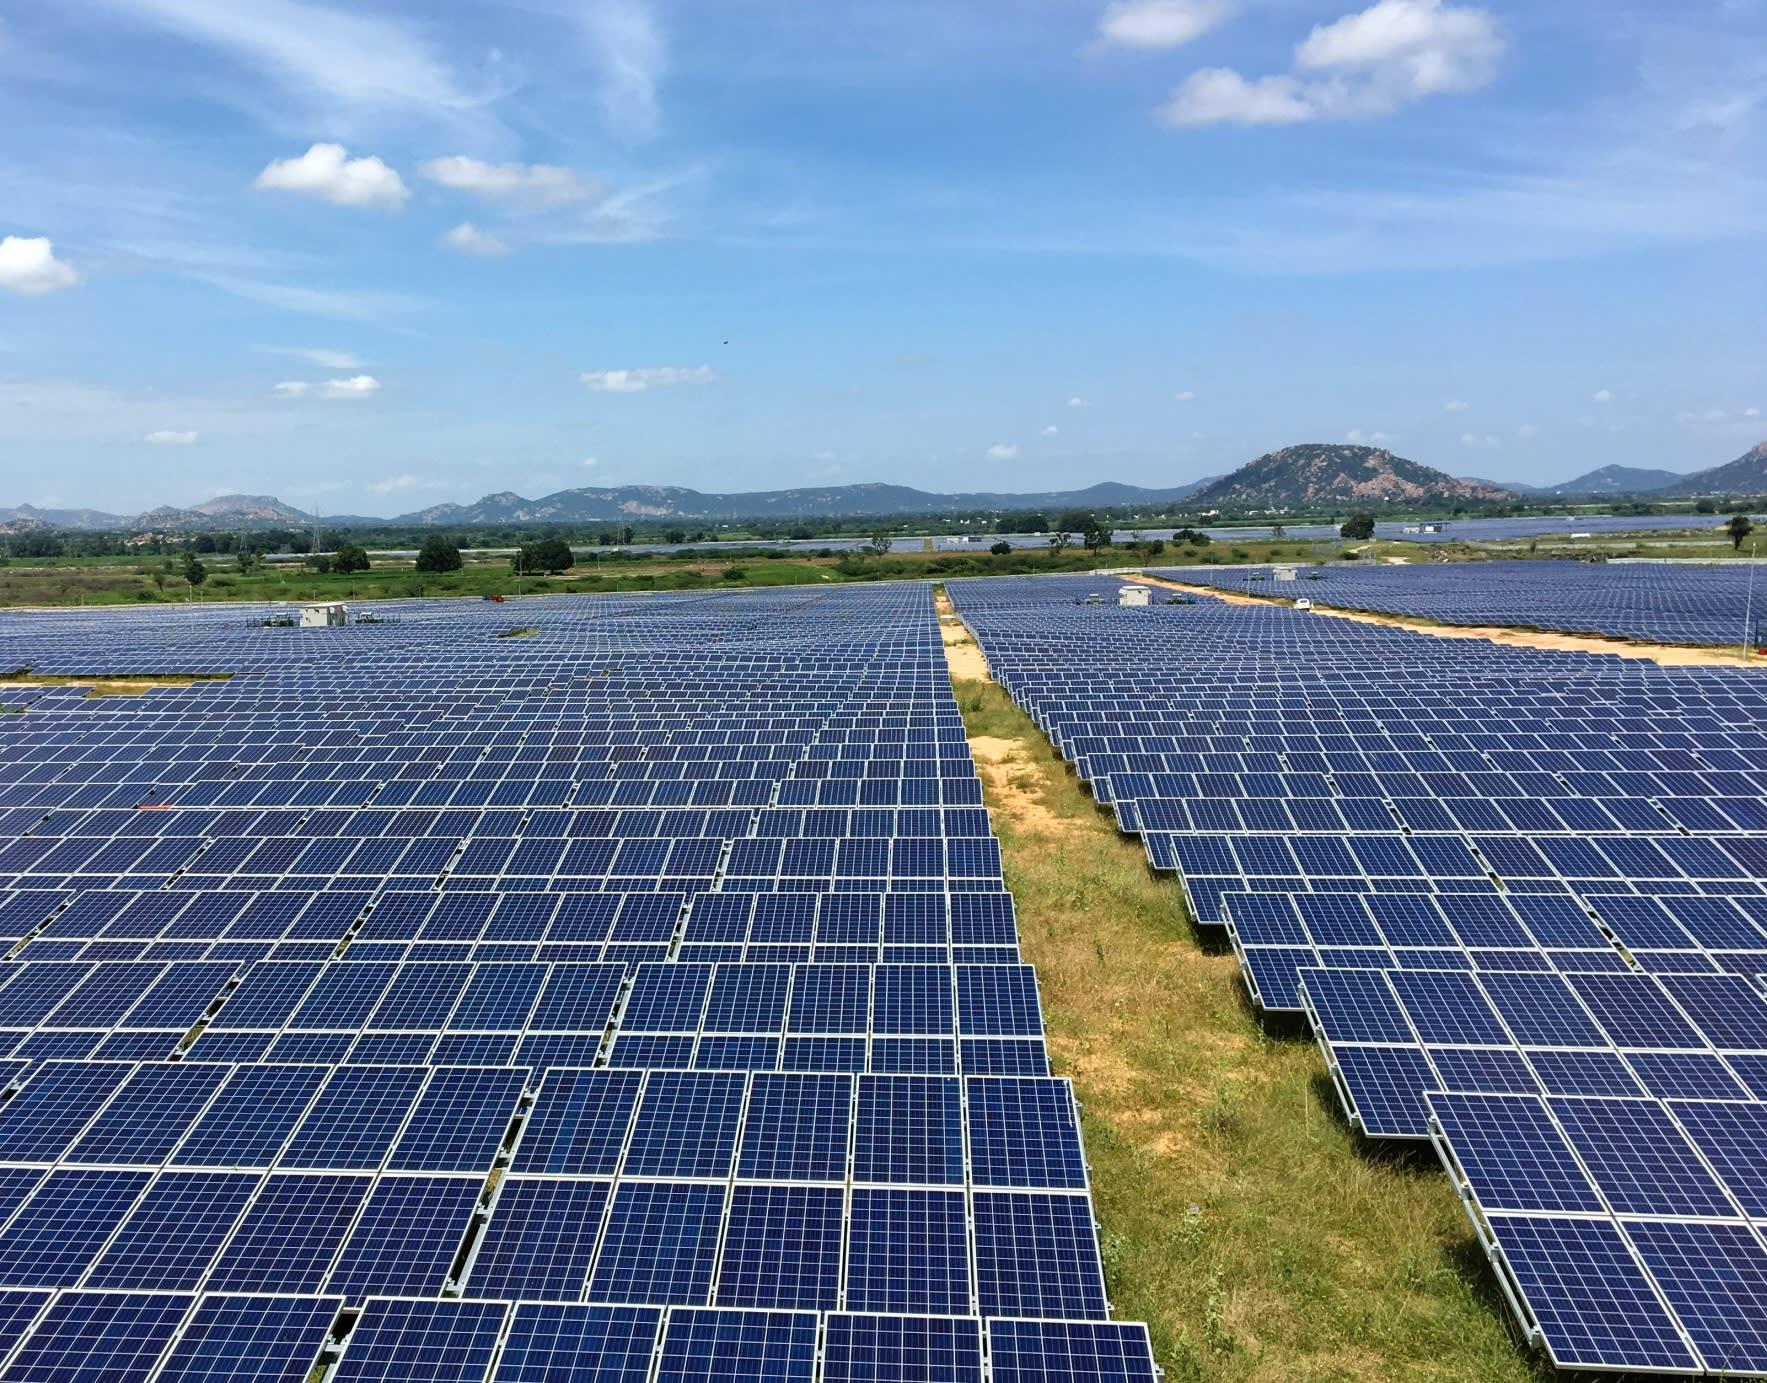 Прорыв в будущее — основные направления использования энергии солнца на земле